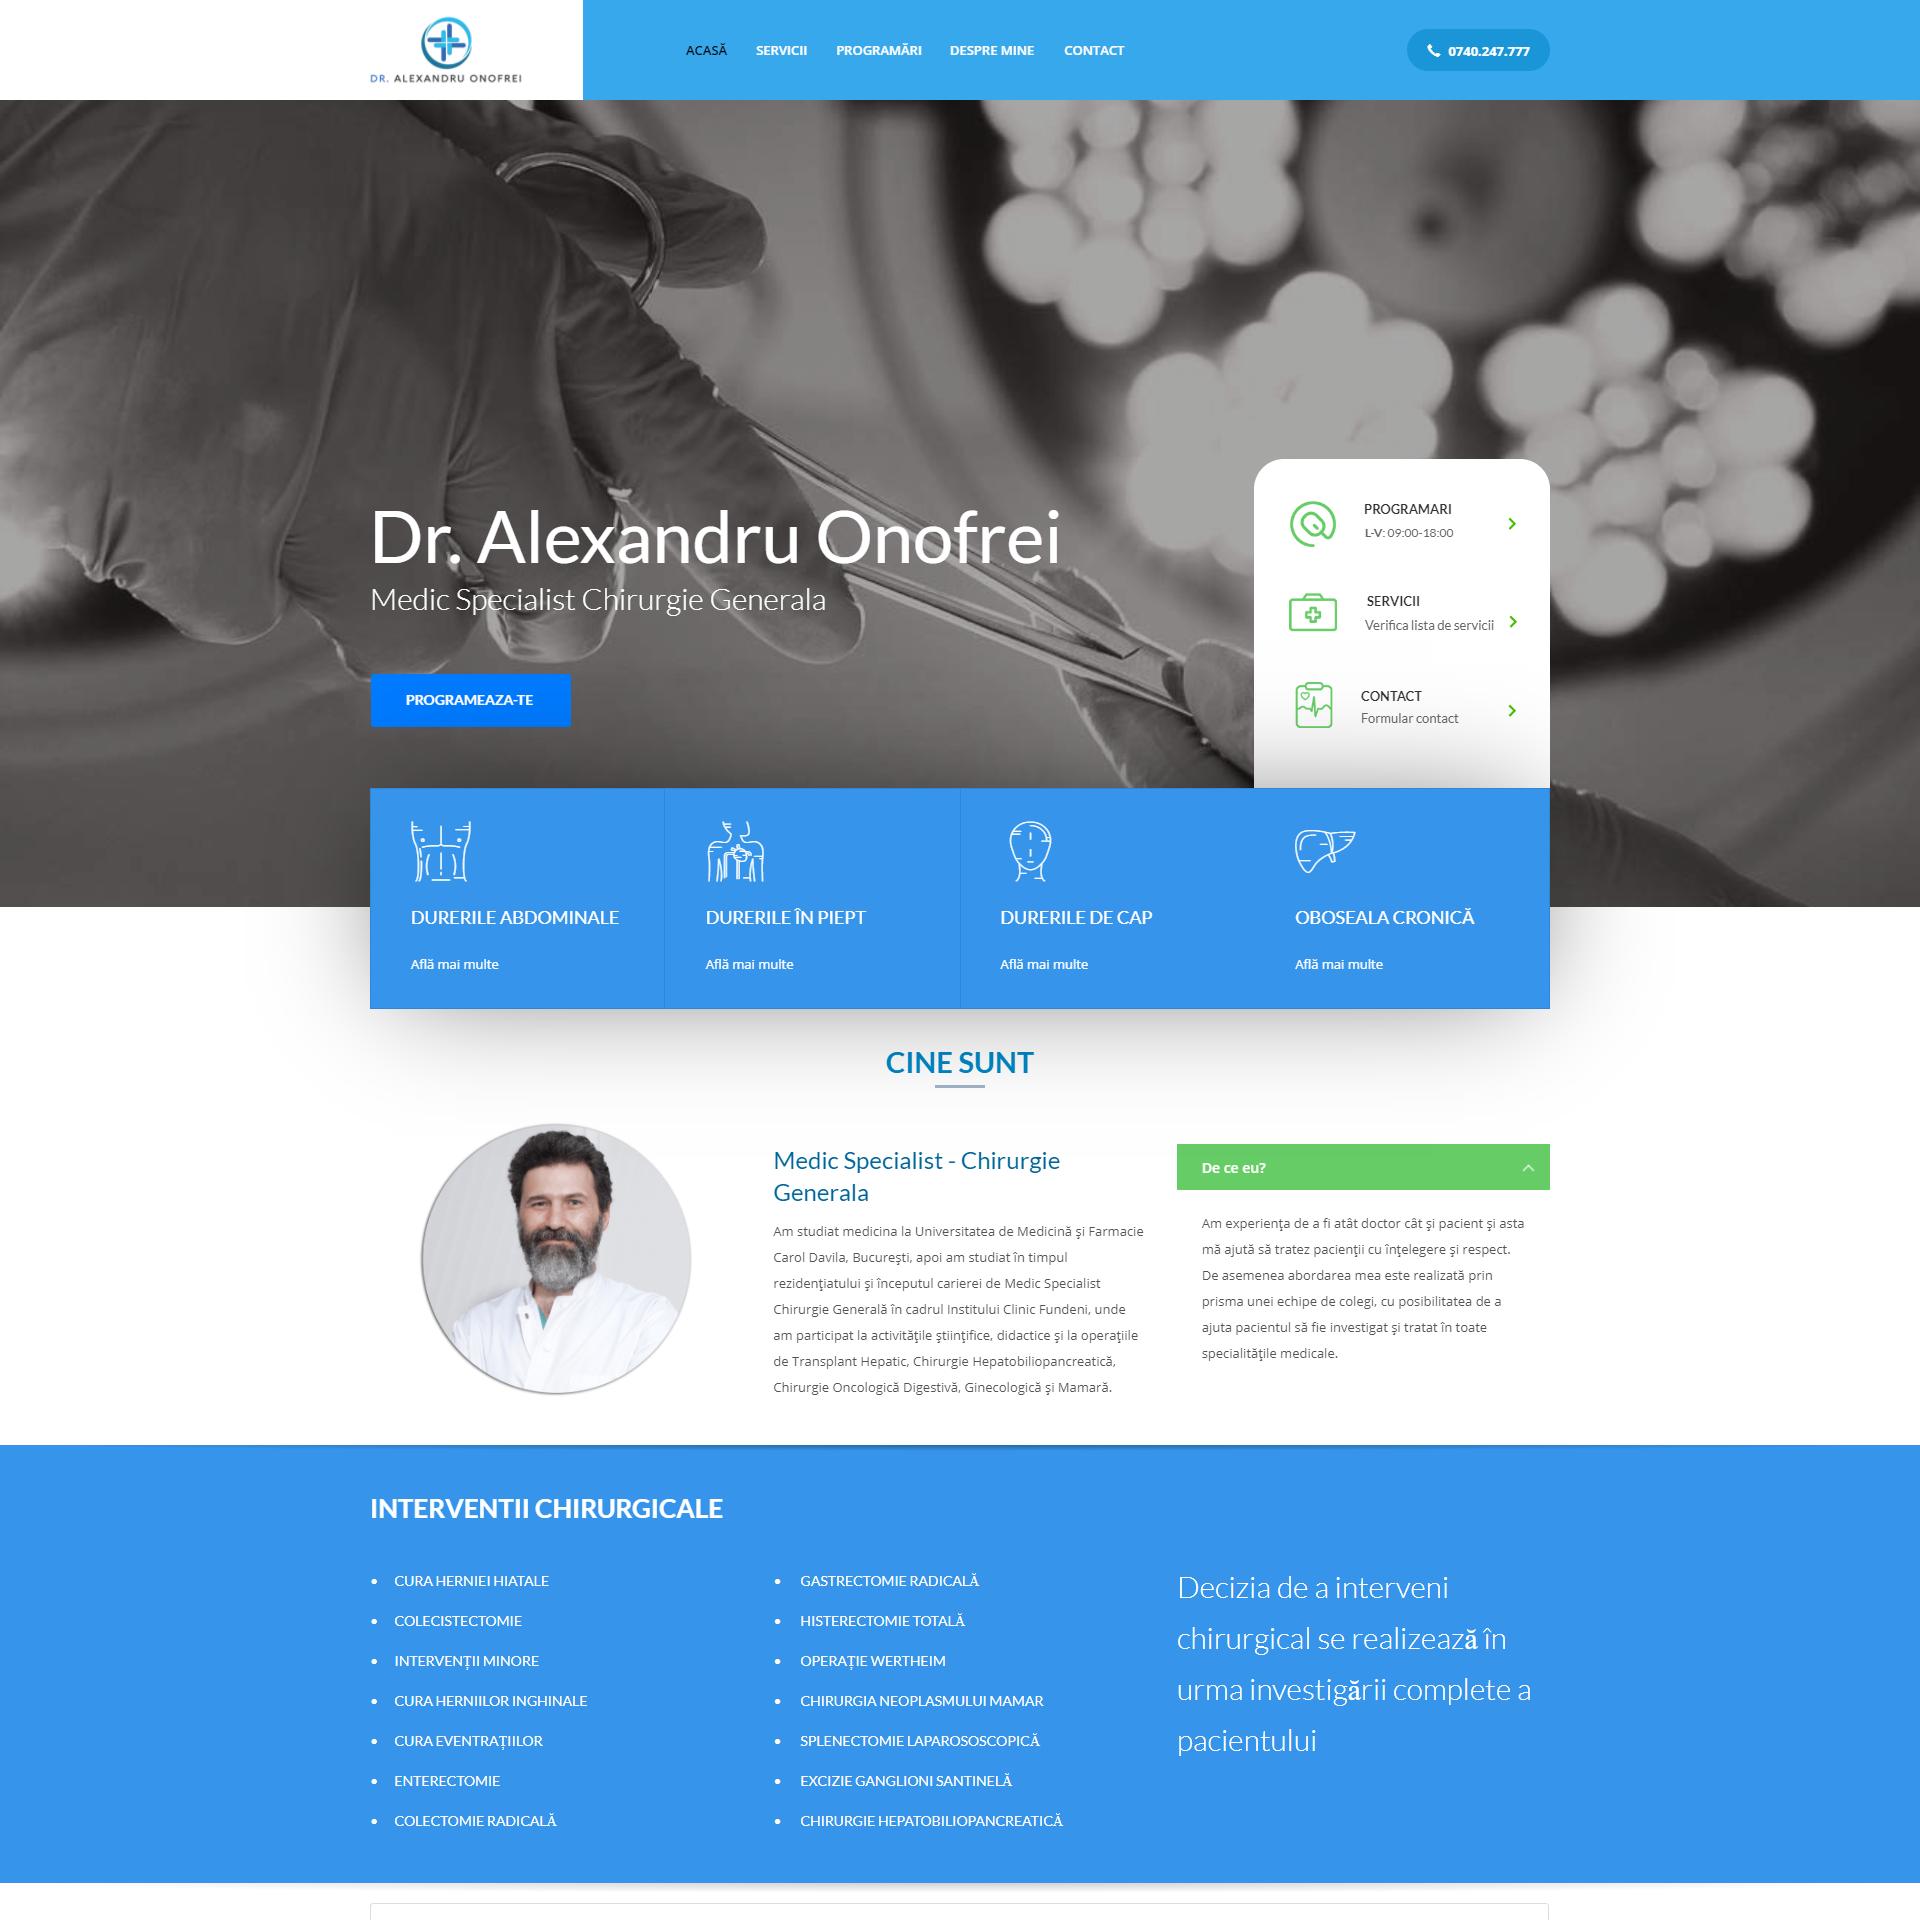 Doctor Alexandru Onofrei